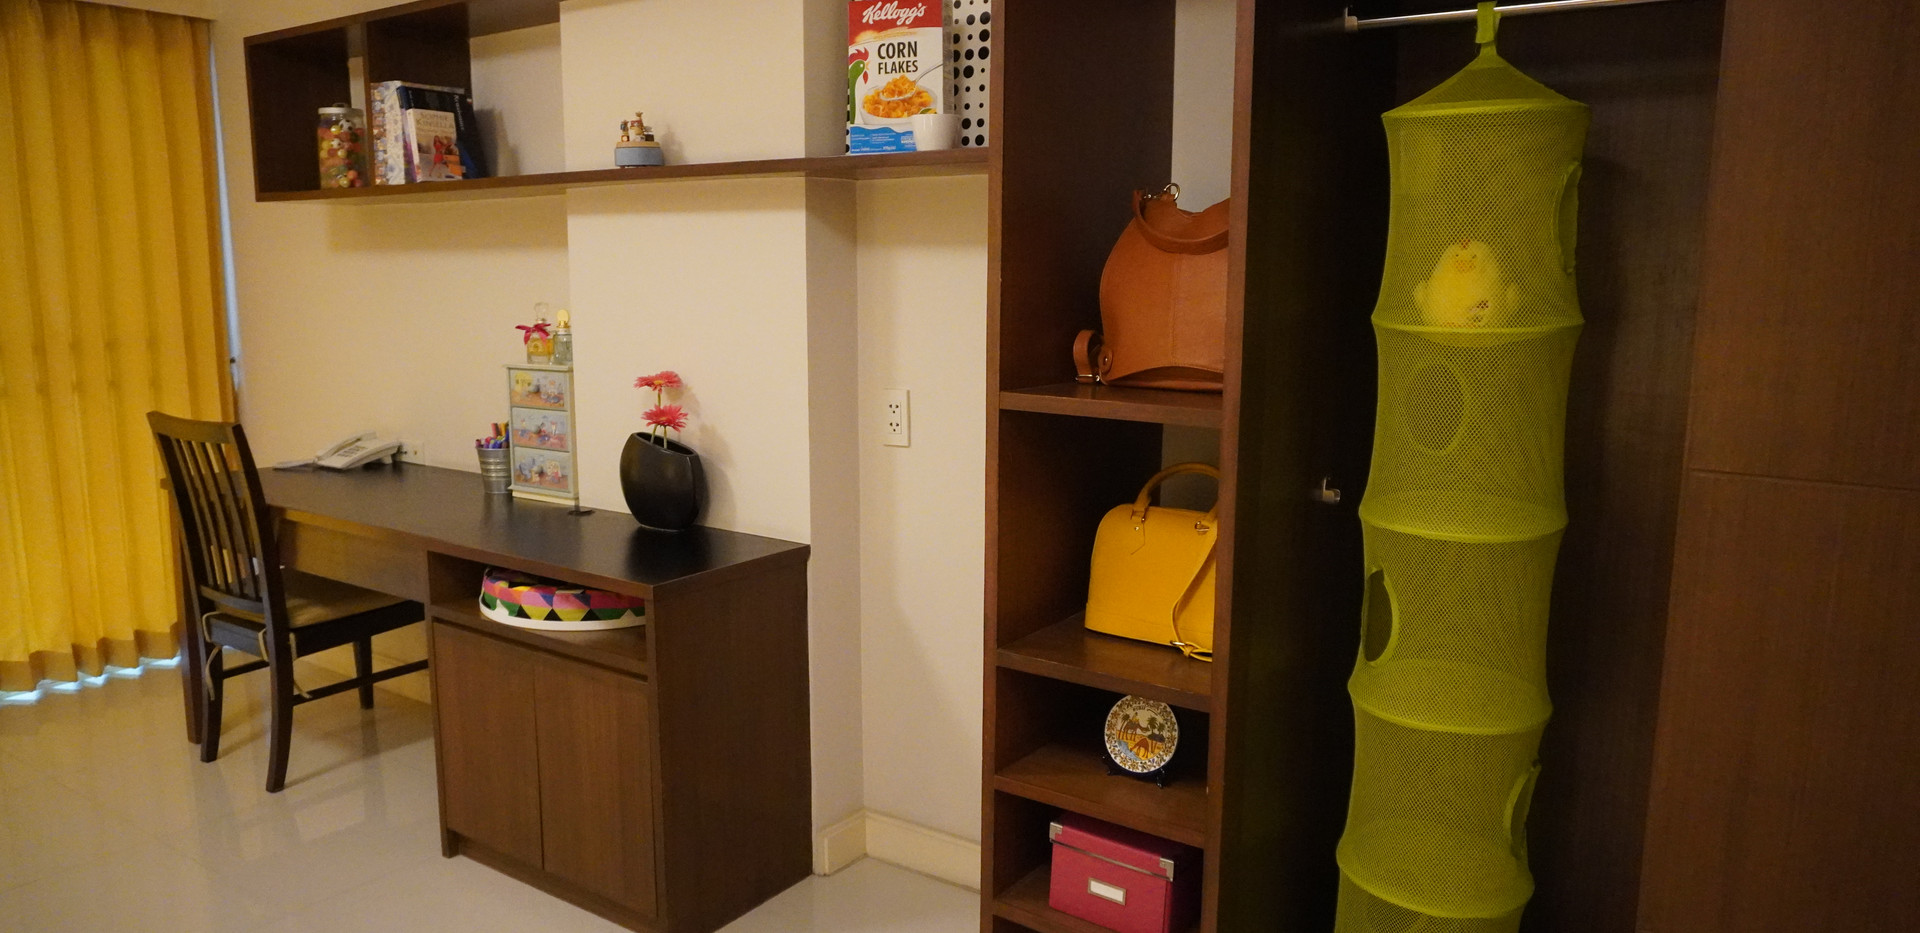 ห้องสตูดิโอขนาดกลาง (25 ตรม.)